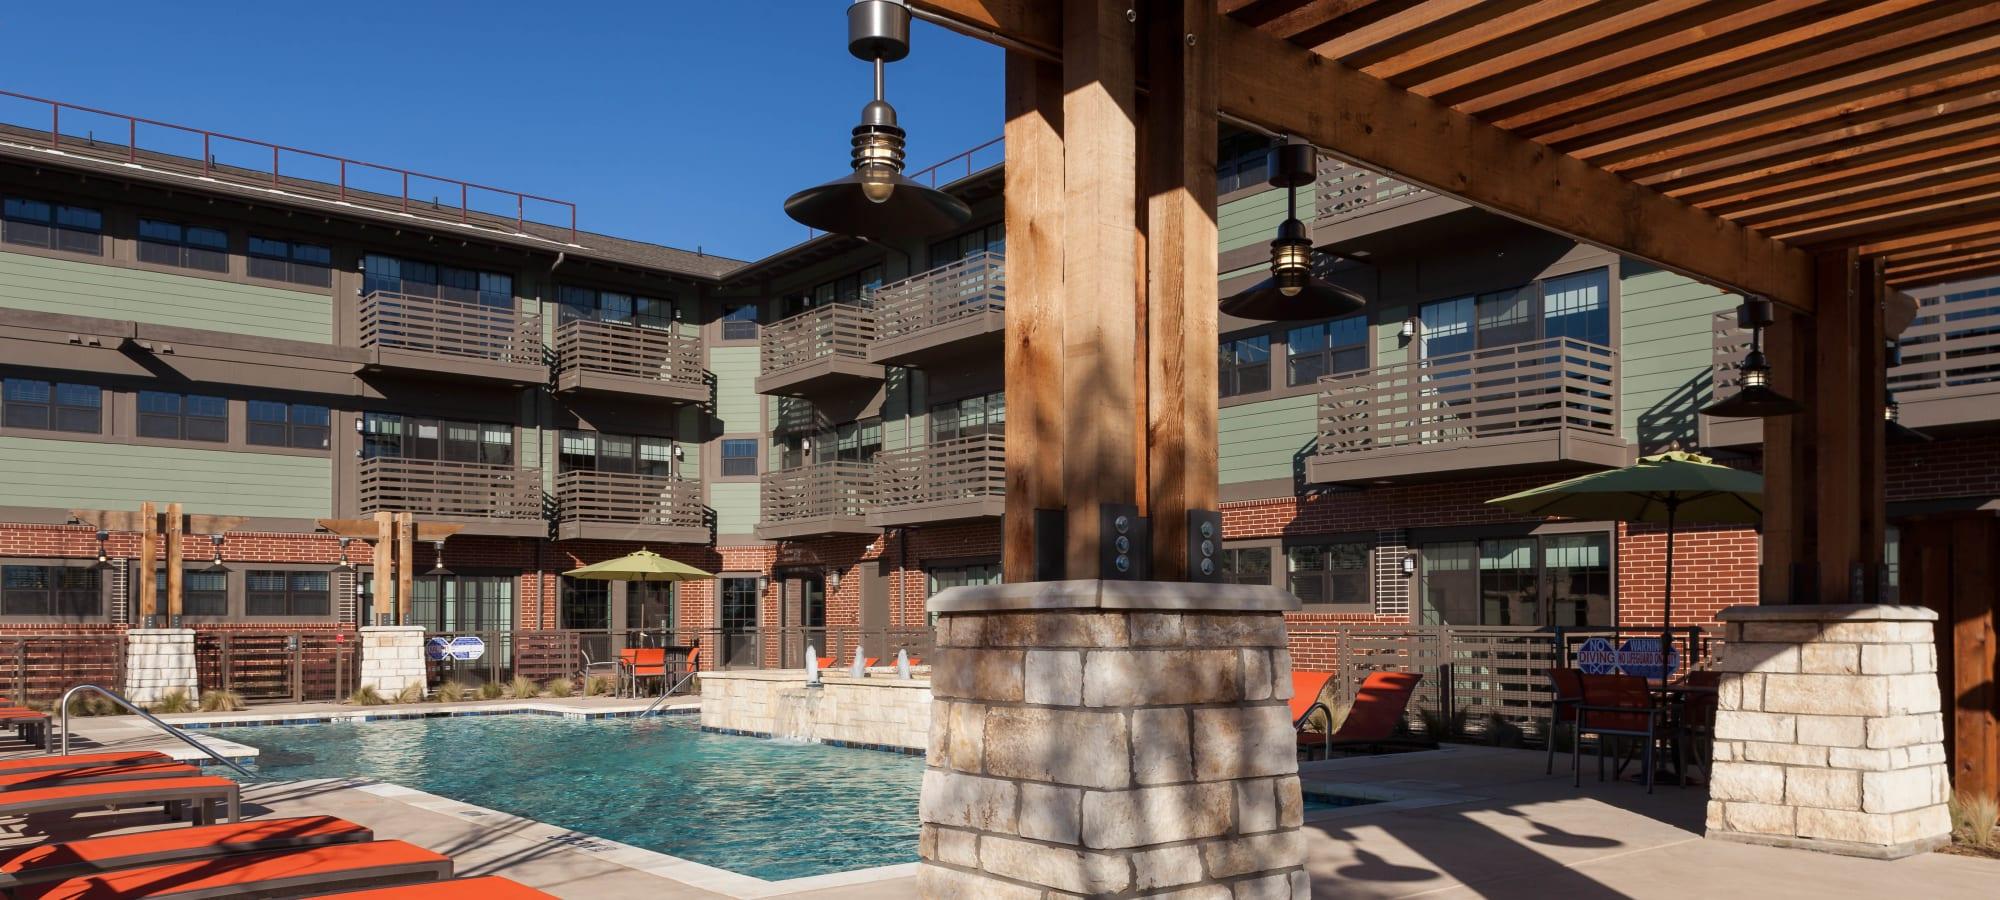 Apartments at Bellrock Bishop Arts in Dallas, Texas